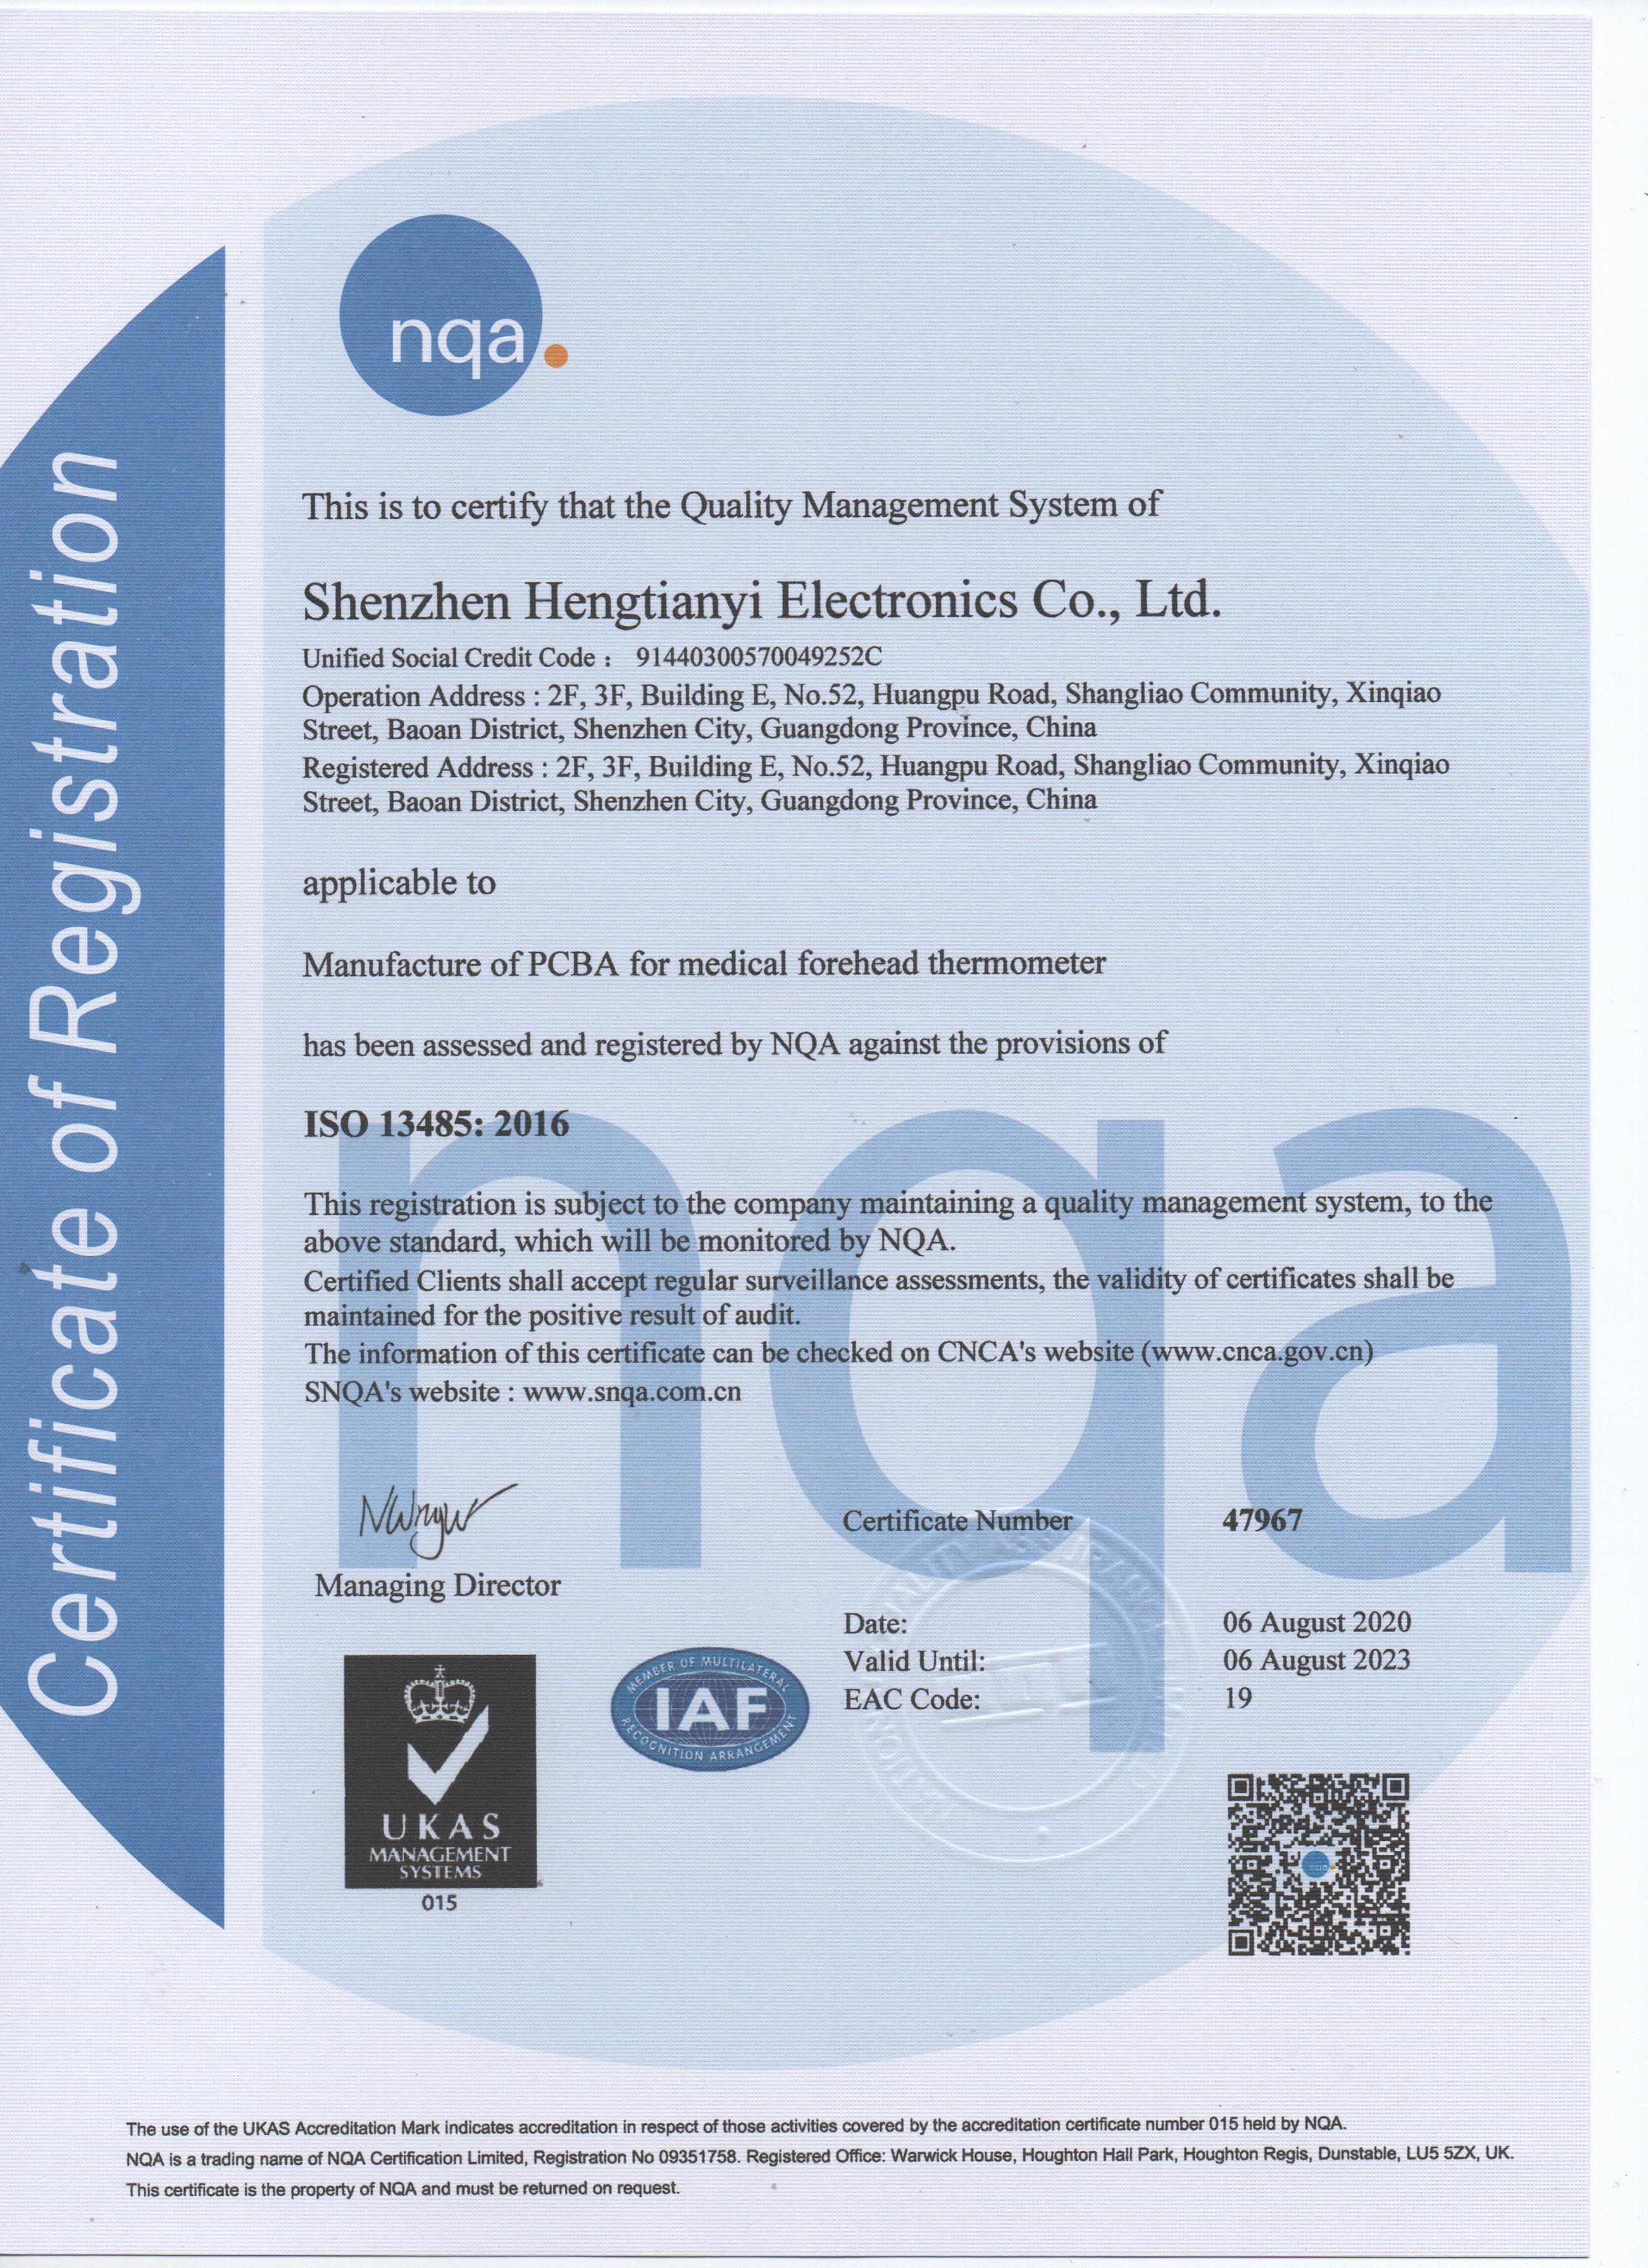 喜訊!祝賀我公司順利通過ISO9001質量管理等多項體系認證并取得證書!(圖4)